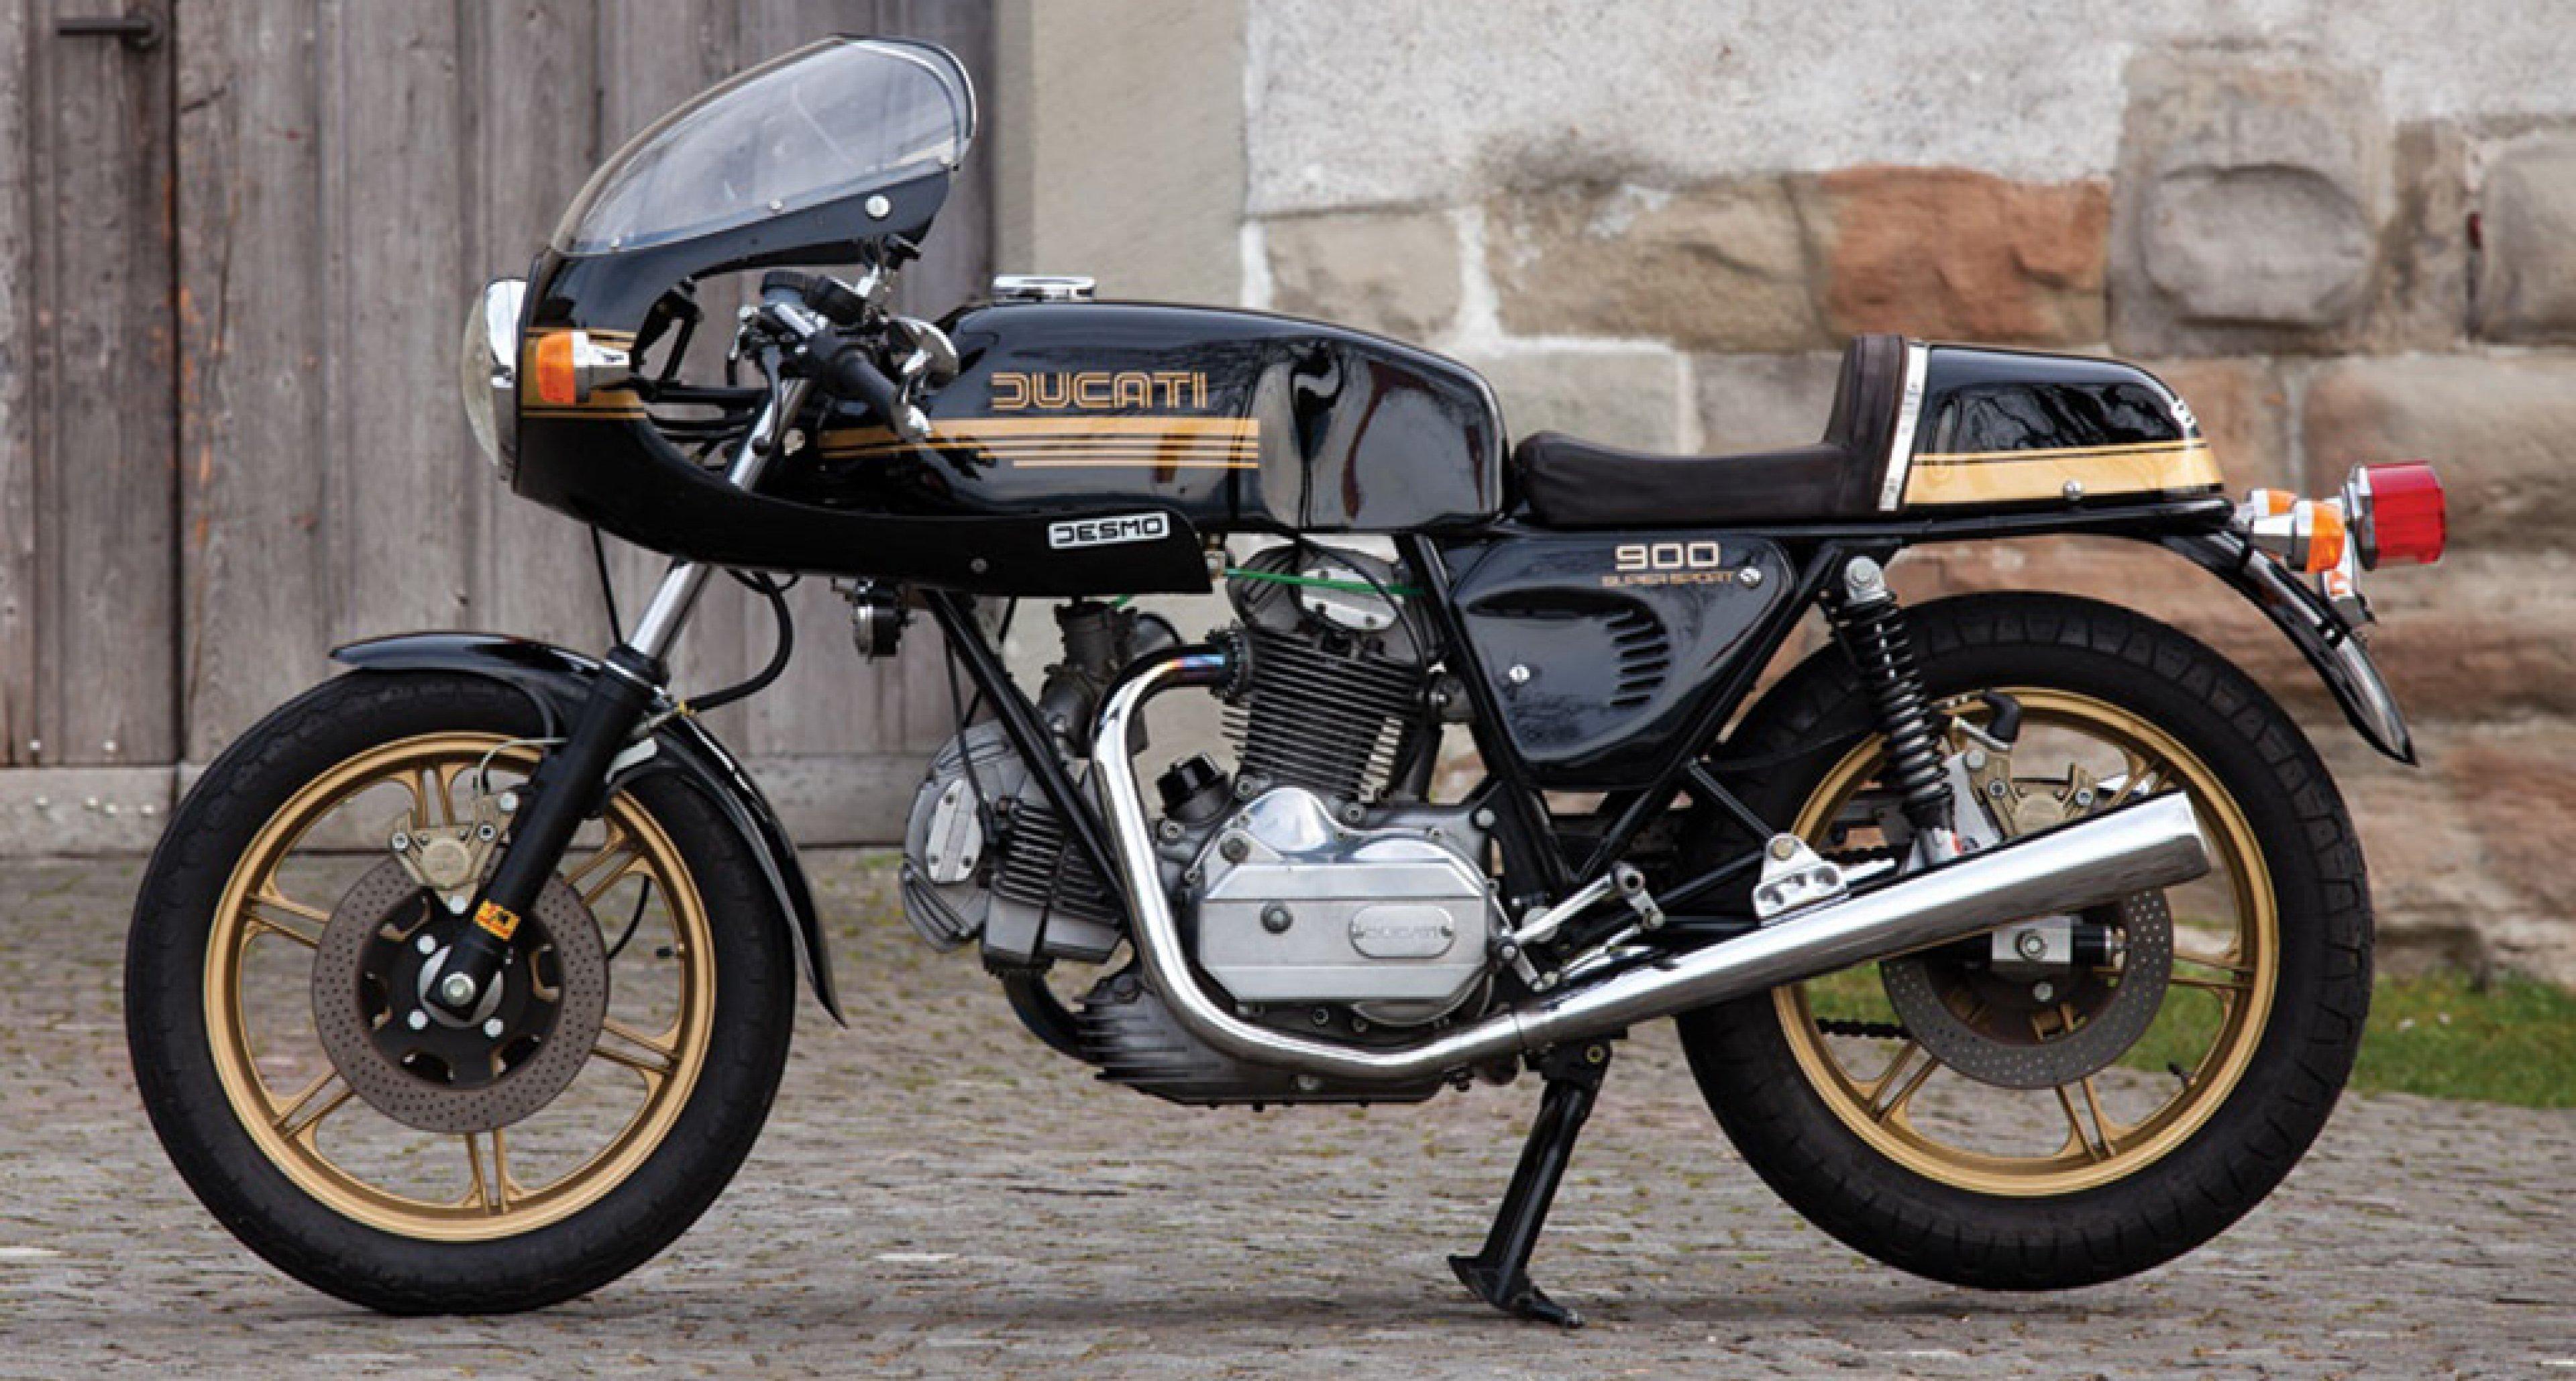 1981 Ducati 900 SS - Desmo